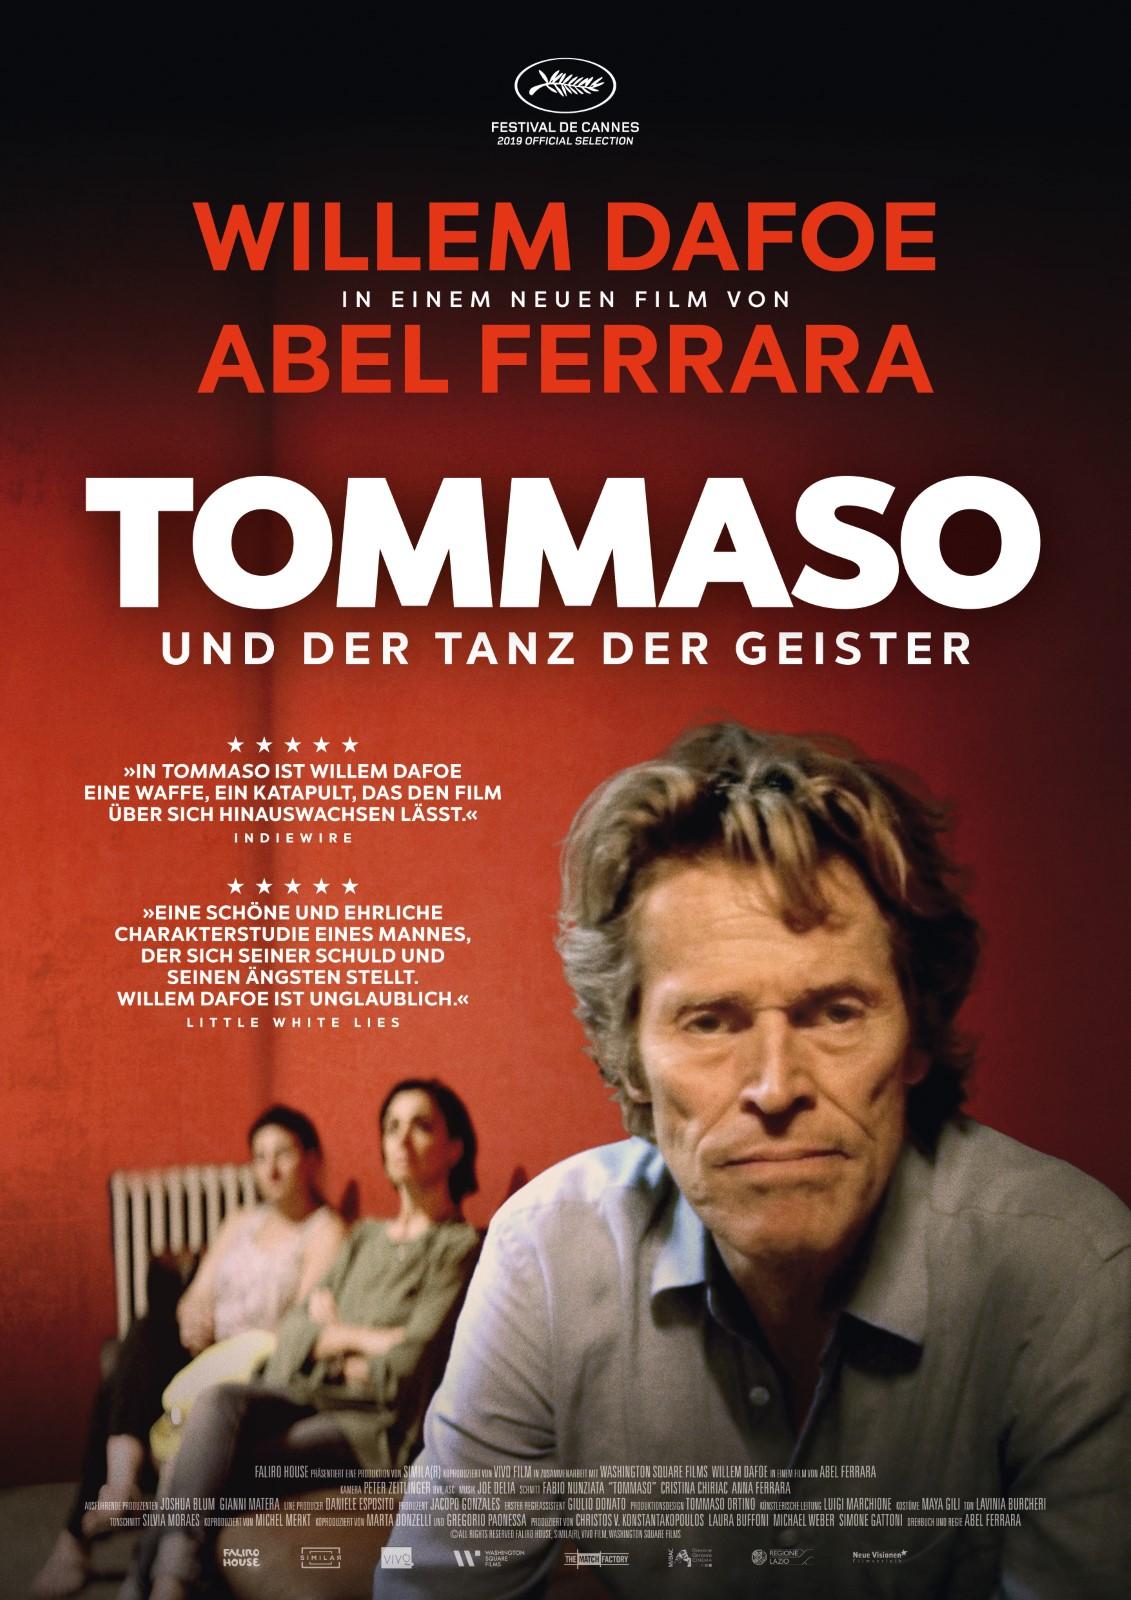 Tommaso Und Der Tanz Der Geister Film 2019 Filmstarts De